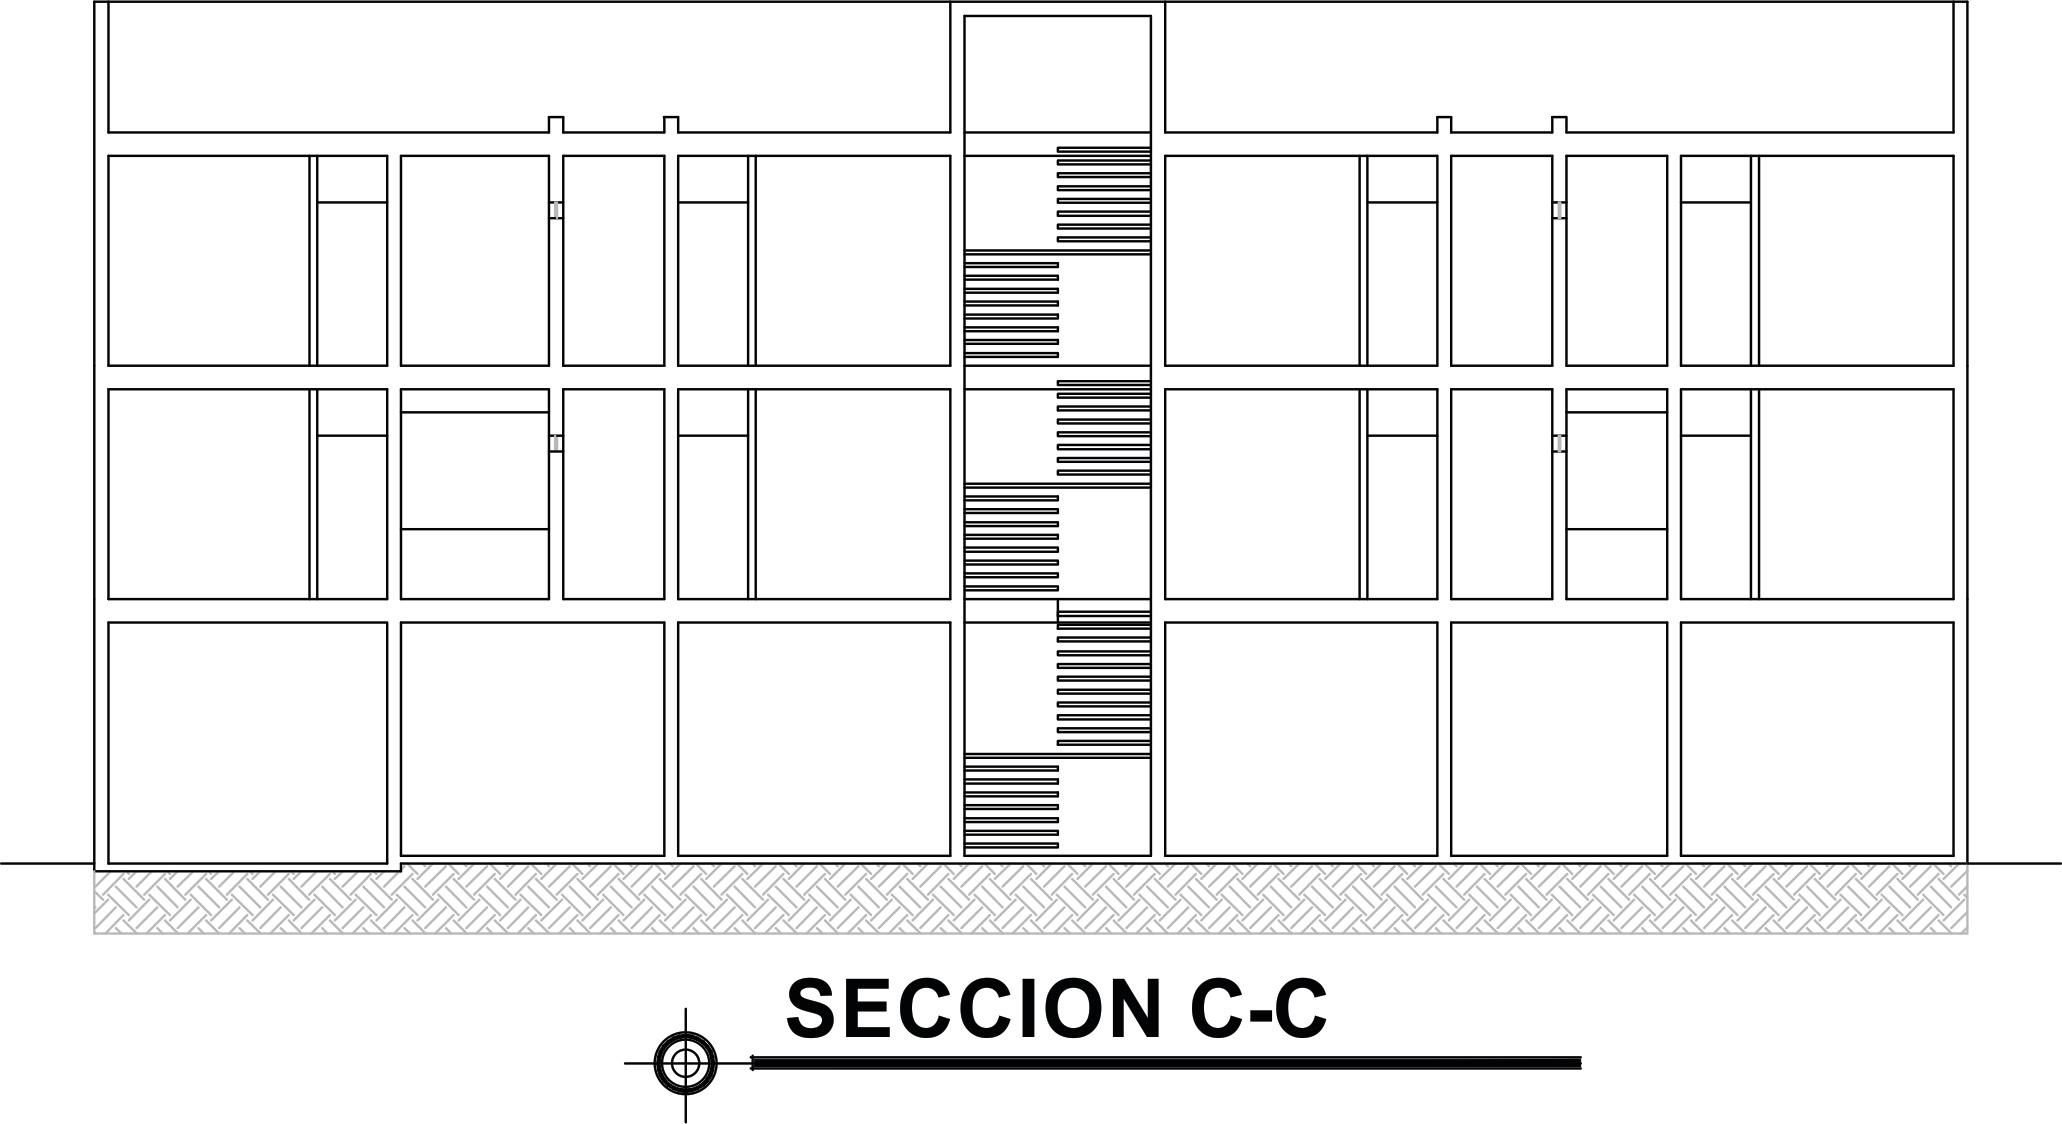 SECCION CC